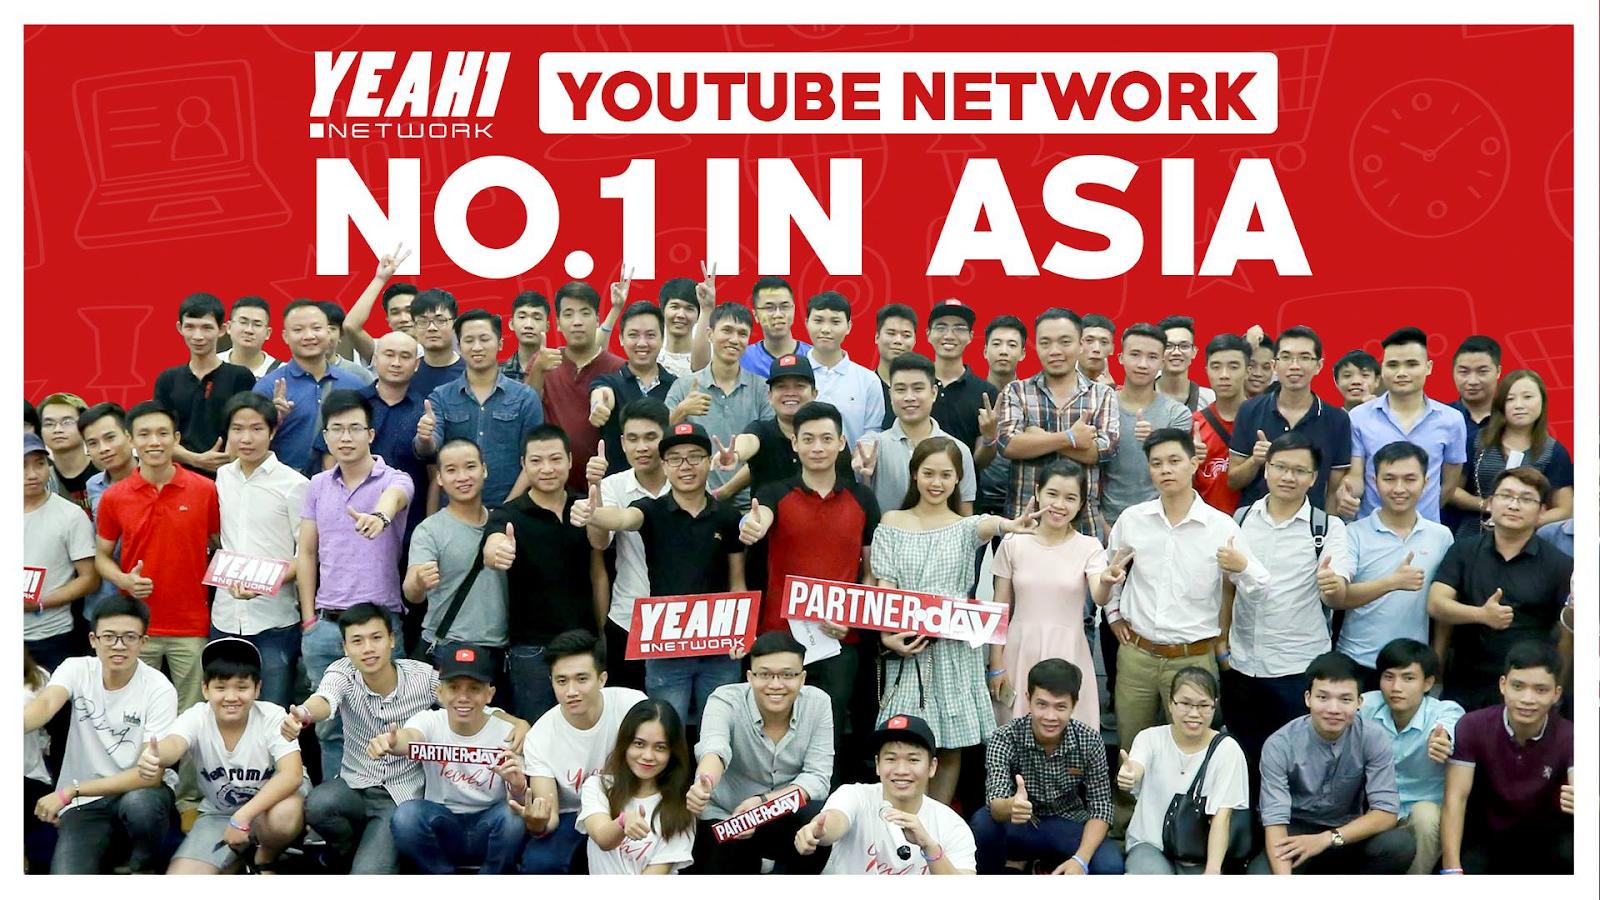 Yeah1 Network tổ chức chương trình khủng dành cho cộng đồng Youtuber với tổng giải thưởng lên tới 500 triệu đồng